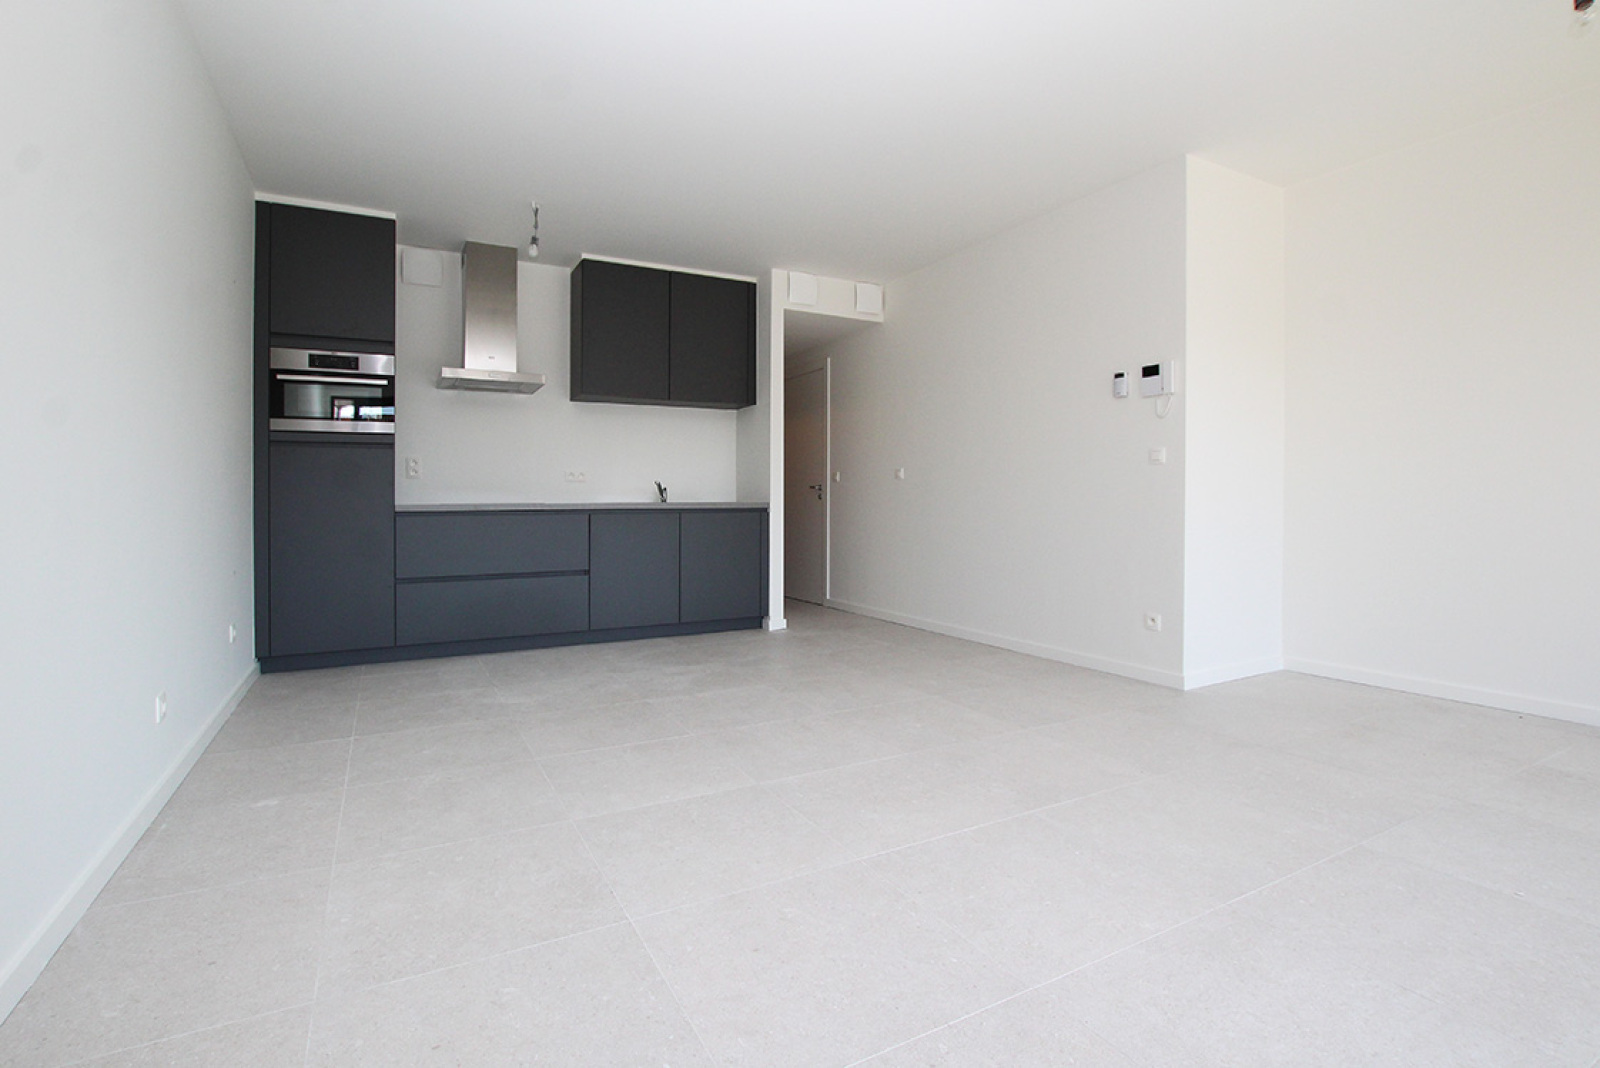 Prachtig appartement met terras op gegeerde locatie! afbeelding 3